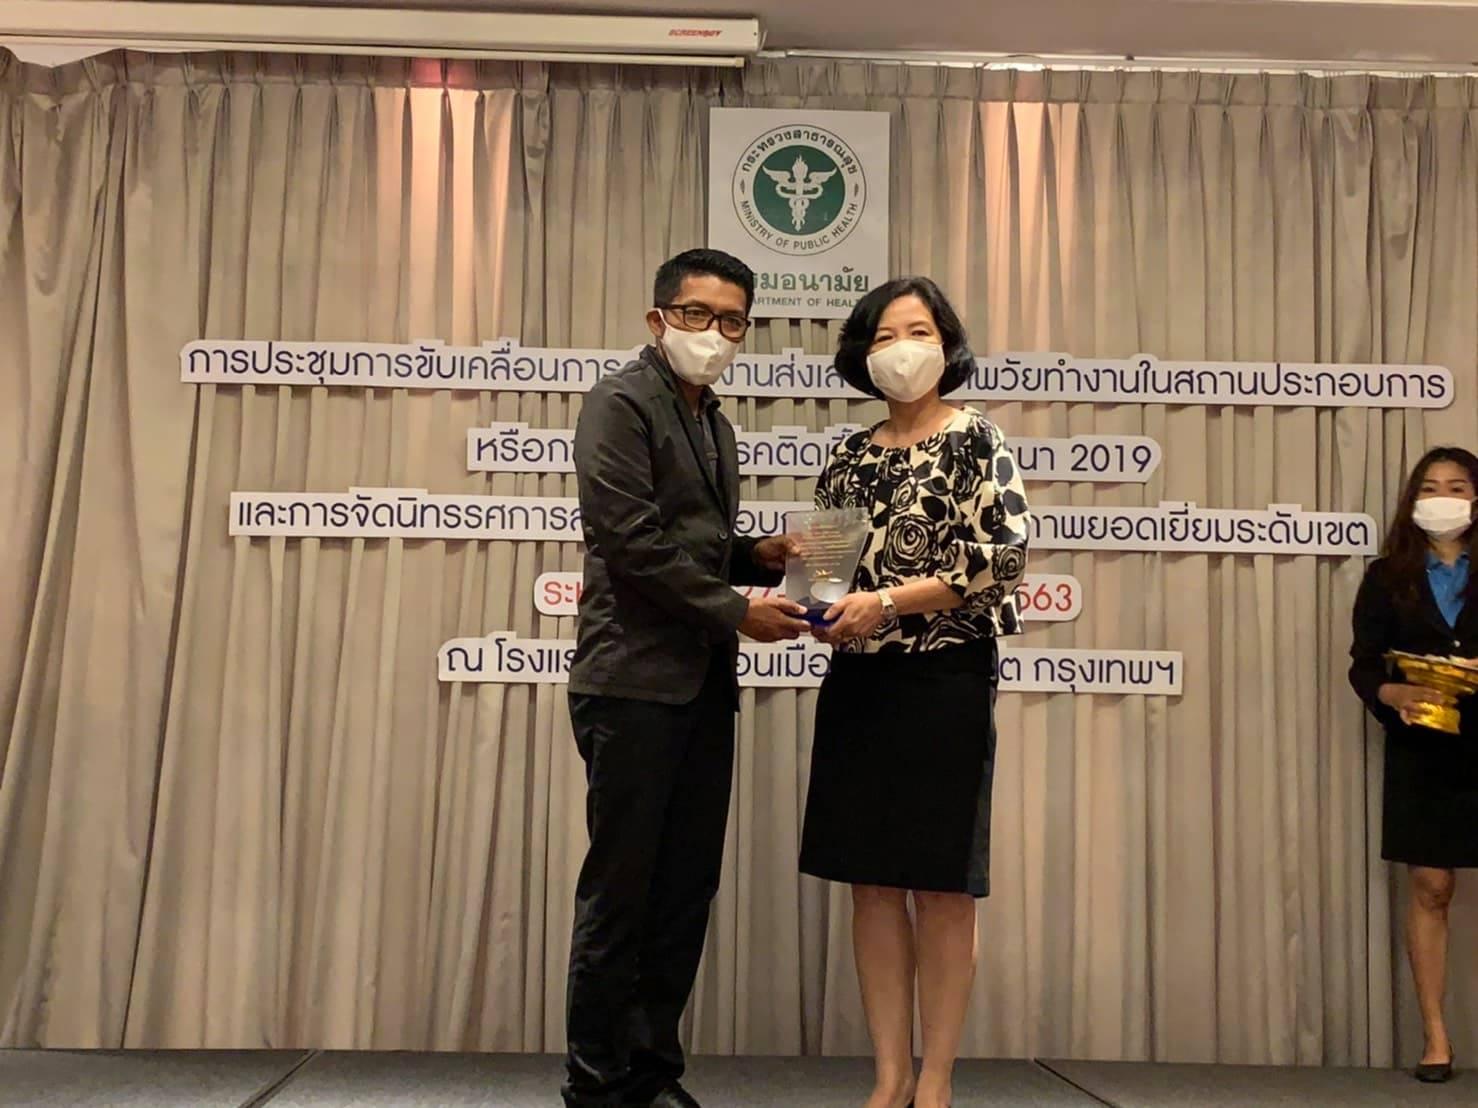 บริษัทซาบีน่า จำกัด (มหาชน) โรงงานยโสธร ได้รับโล่เกียรติยศ สถานประกอบการส่งเสริมสุขภาพคนวัยทำงาน ด้วยแนวทาง 10 Packagas